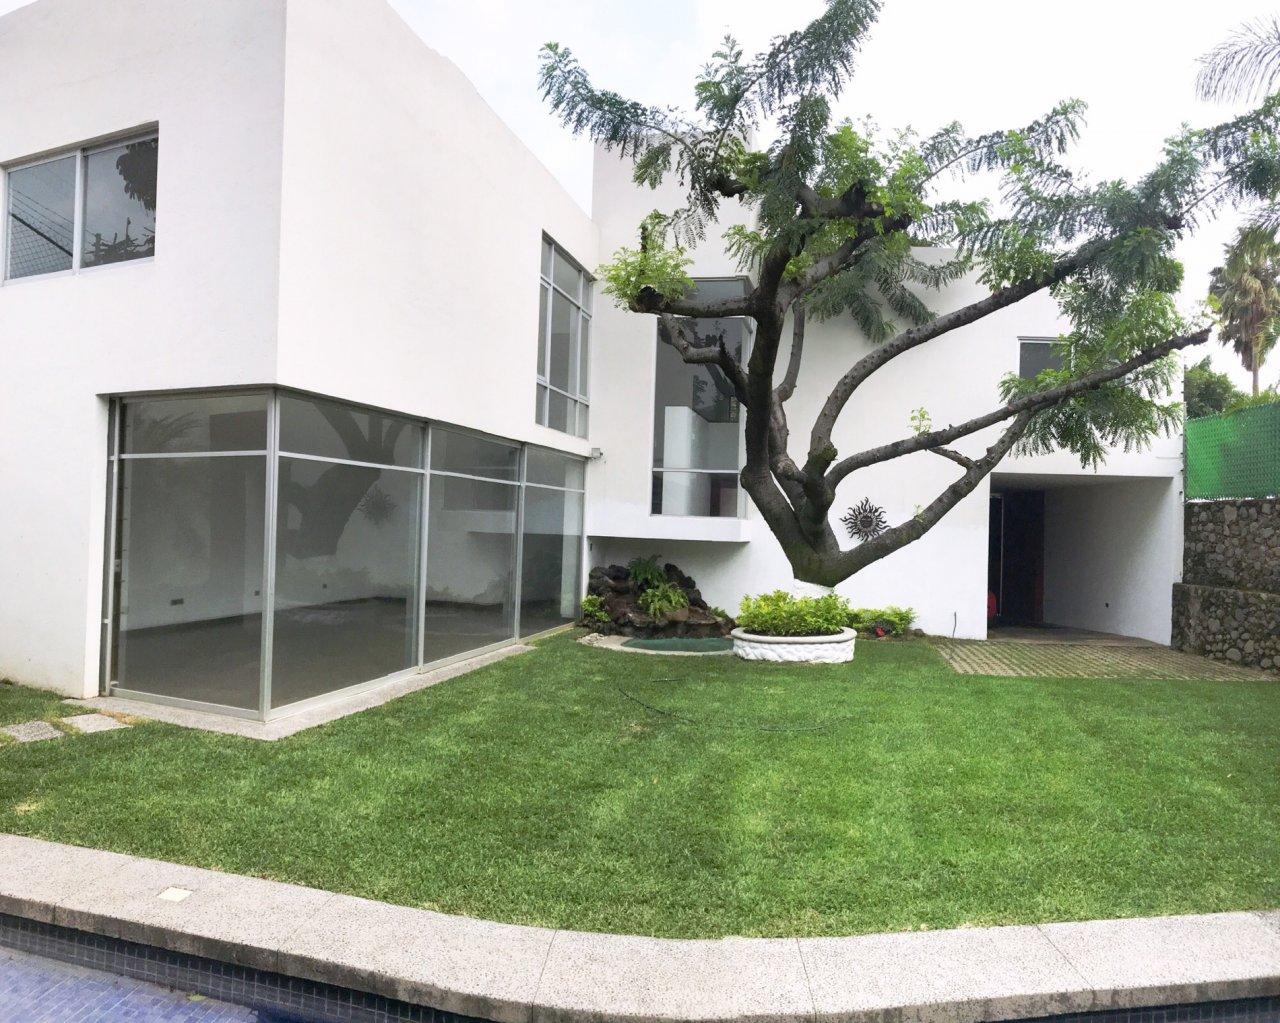 Casa venta 4 650 000 renta 19000 en lomas de cortes for Renta casa minimalista cuernavaca